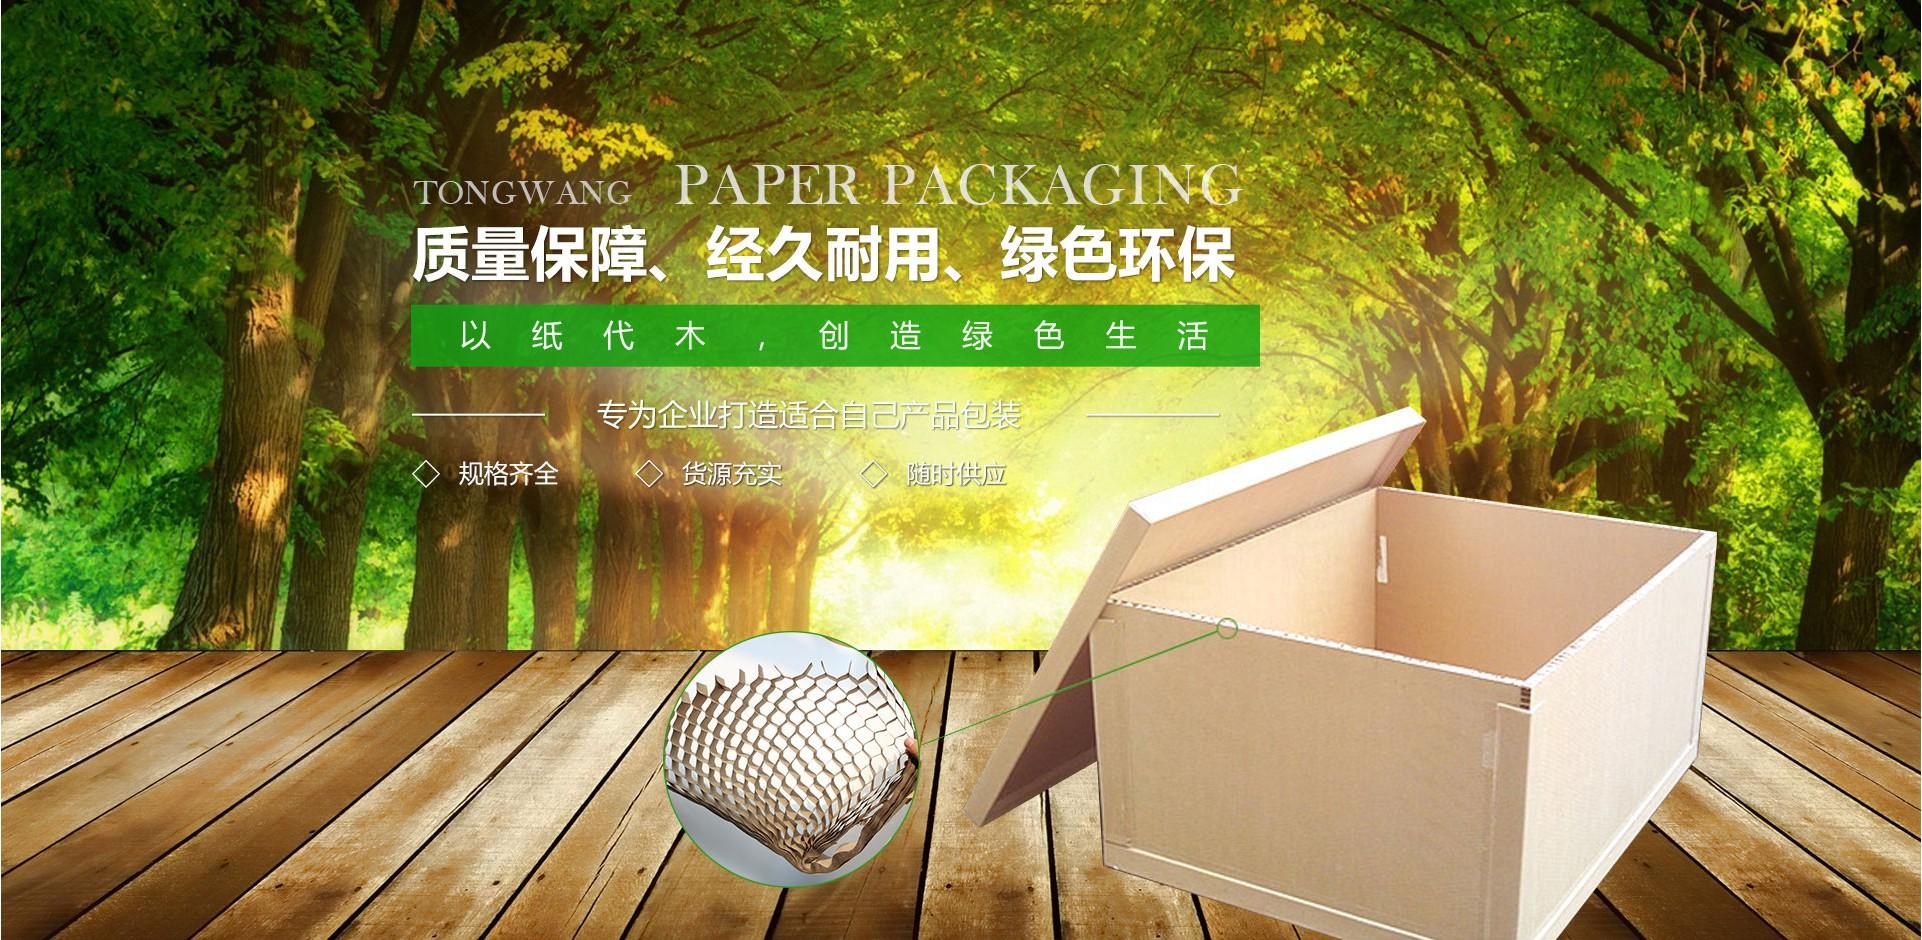 川阳蜂窝纸箱